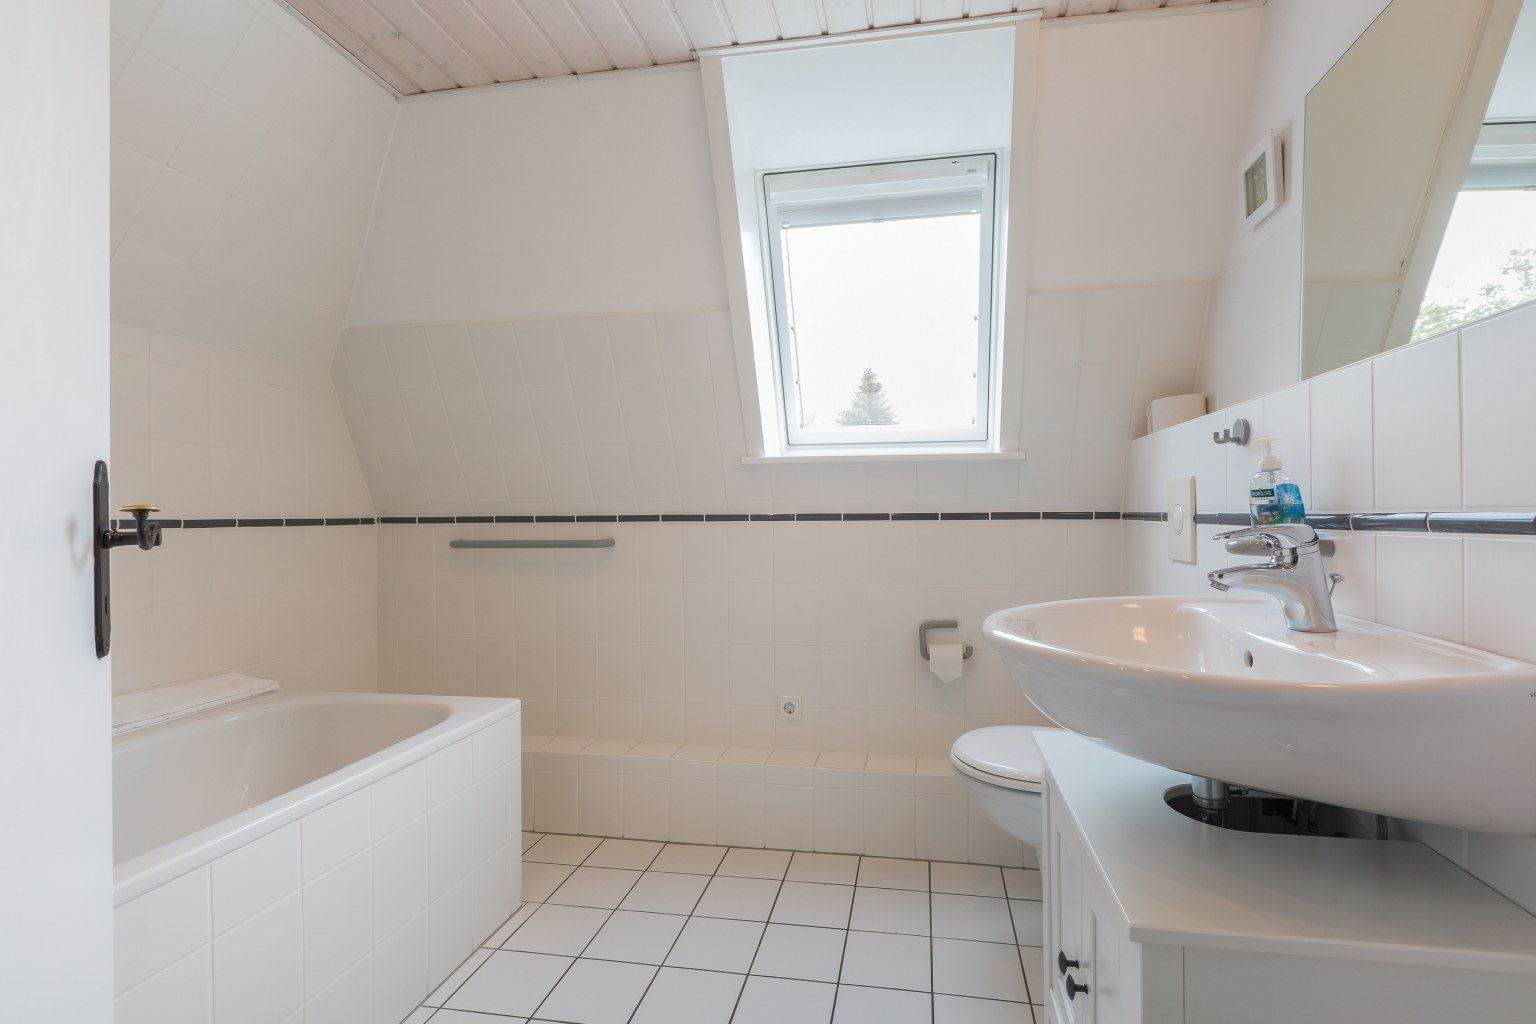 """Ferienhaus """"Das grüne Haus"""" - 2. Badezimmer"""